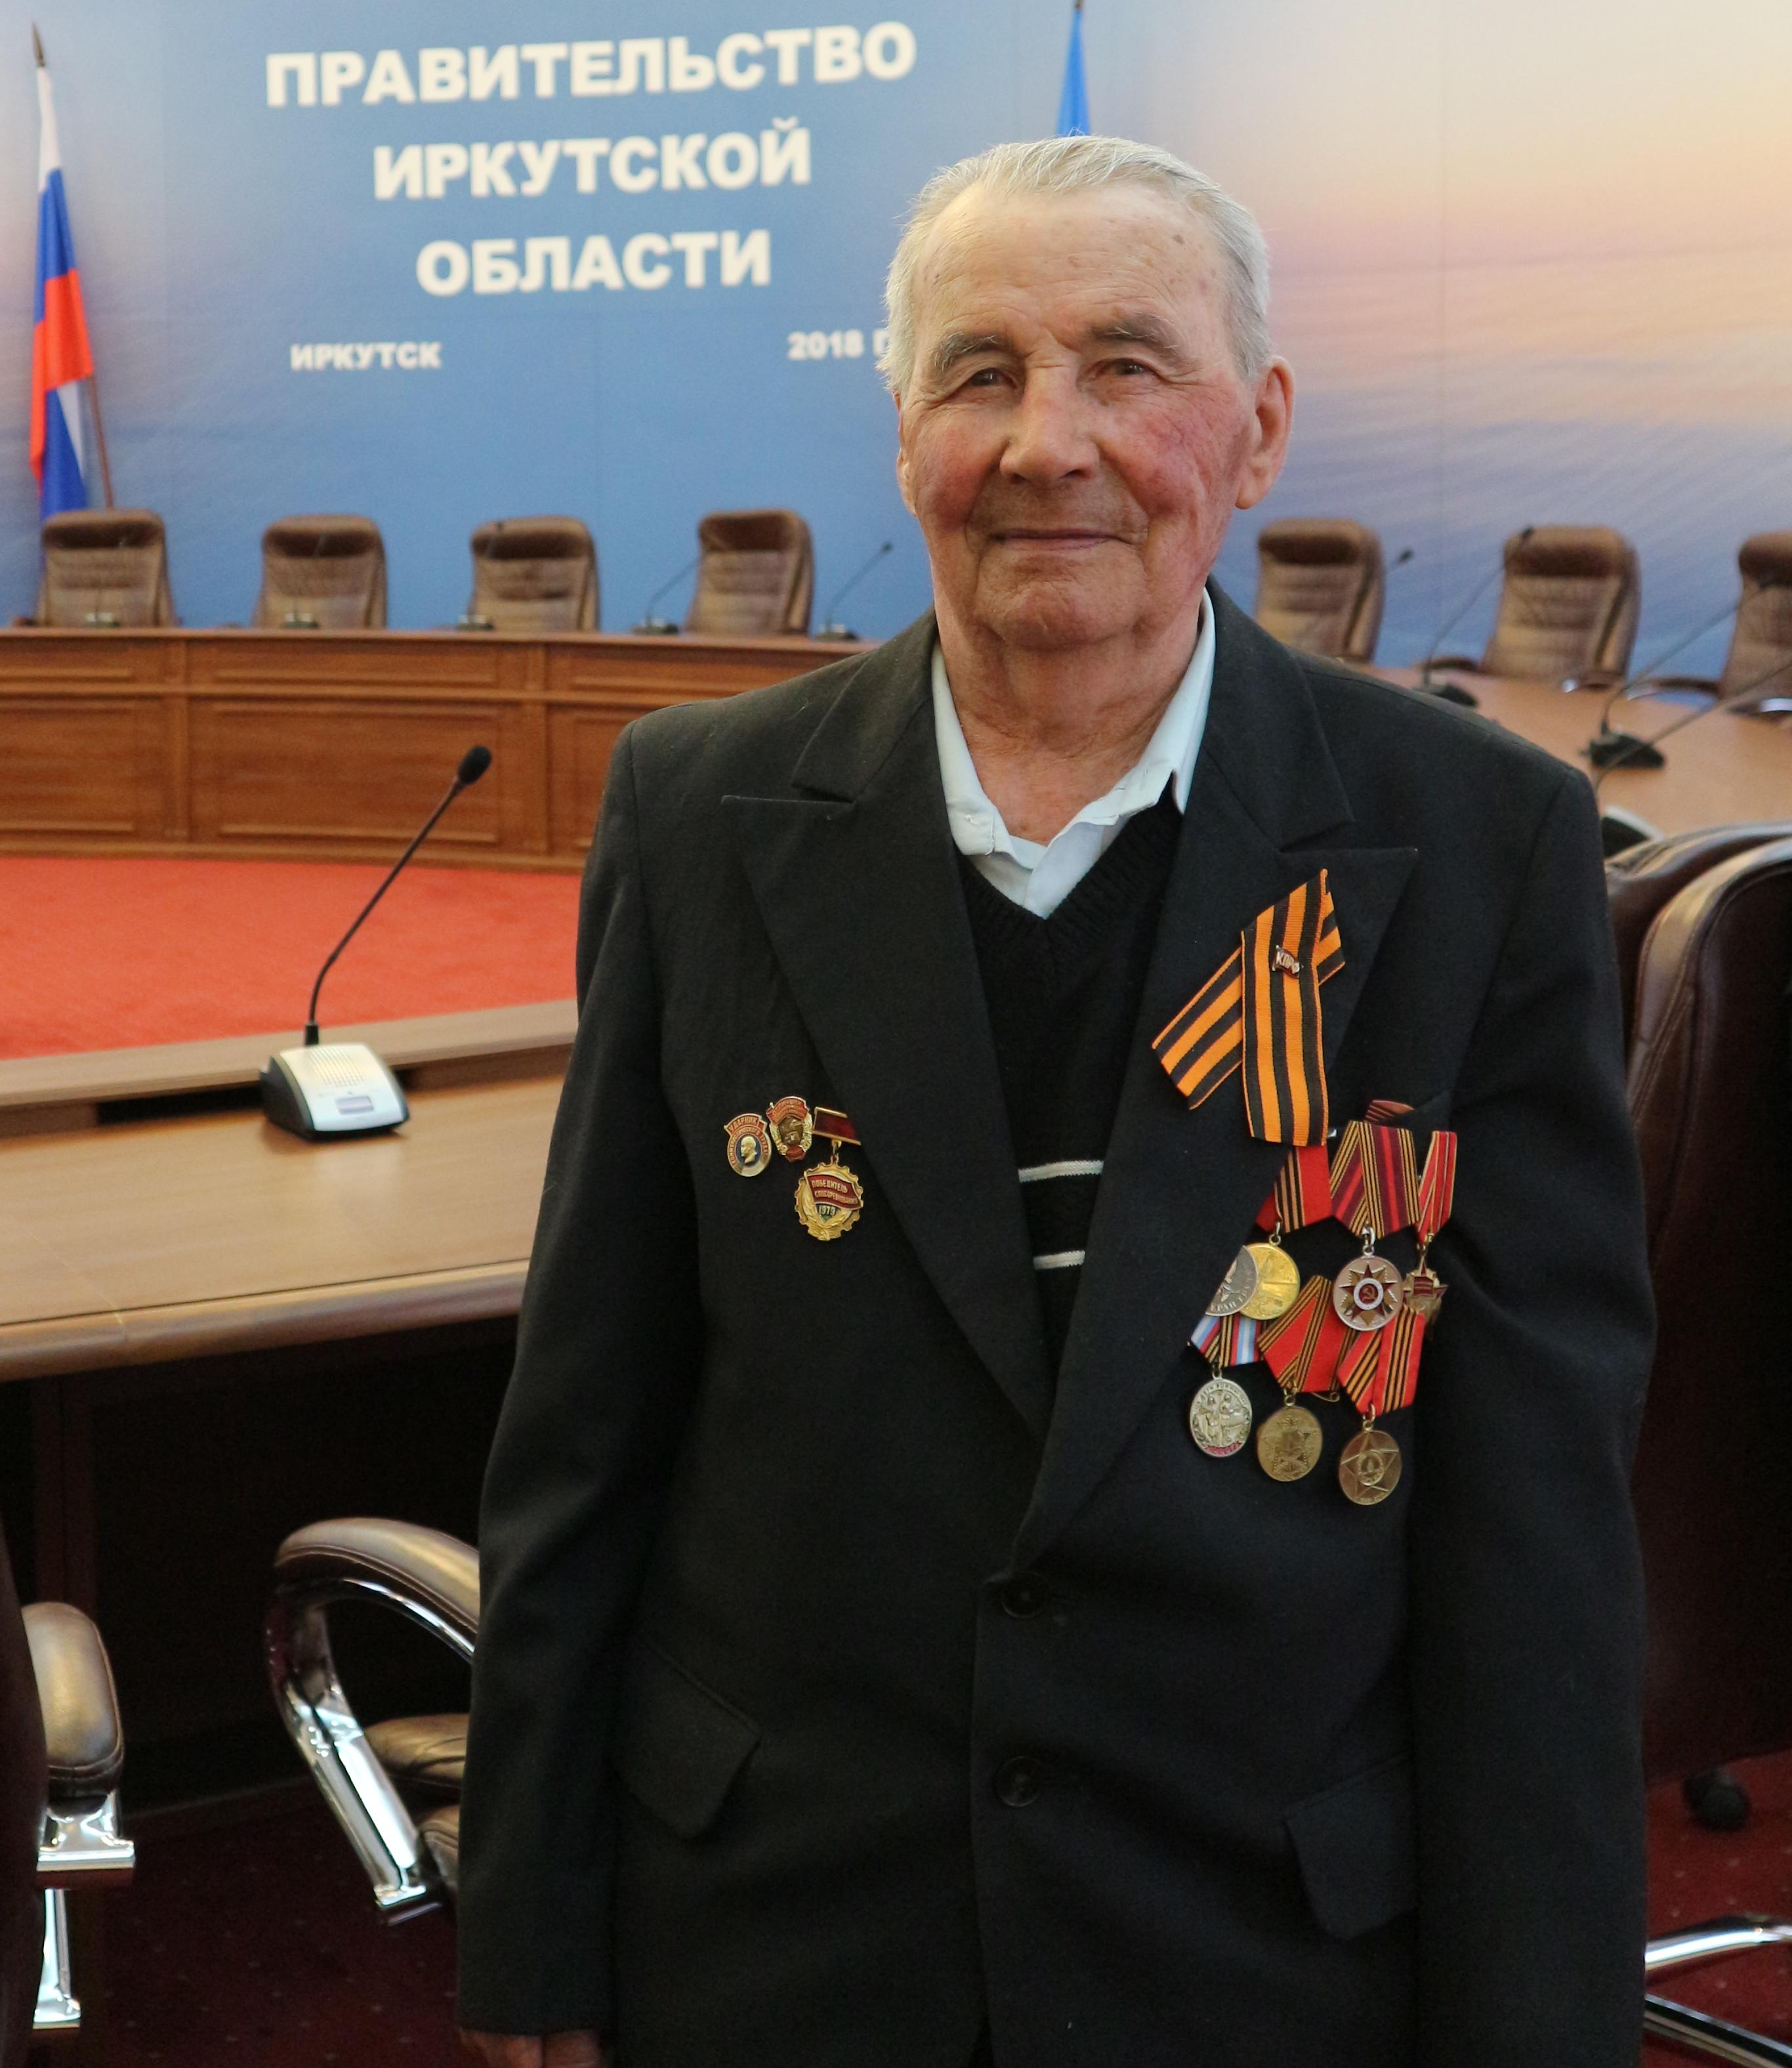 Губернатор Приангарья Сергей Левченко провел  приём ветеранов ВОВ в честь Дня Победы